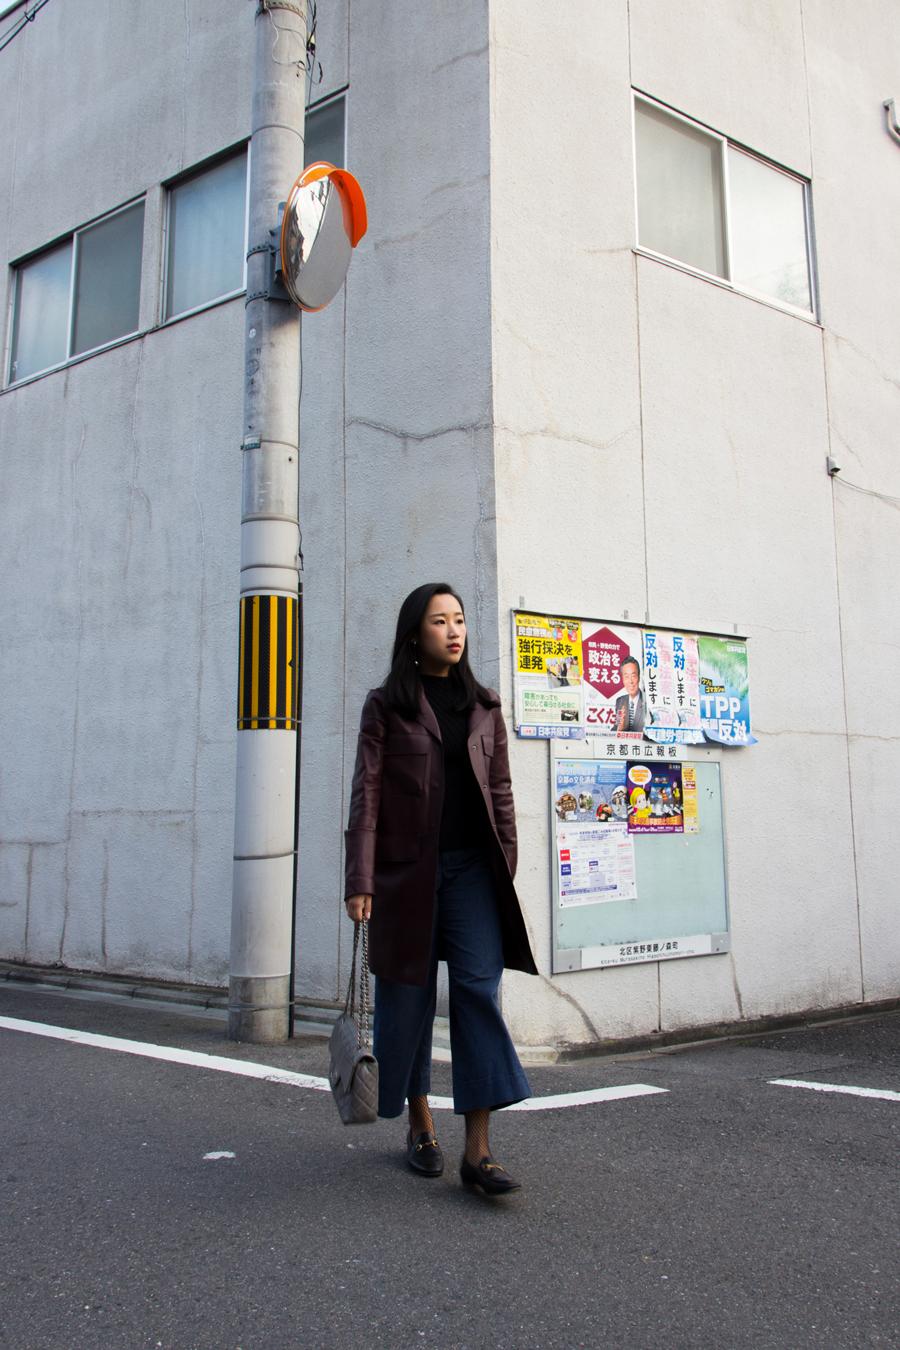 私たち姉妹が何度も京都を訪れるワケ。/ WHY WE LOVE KYOTO